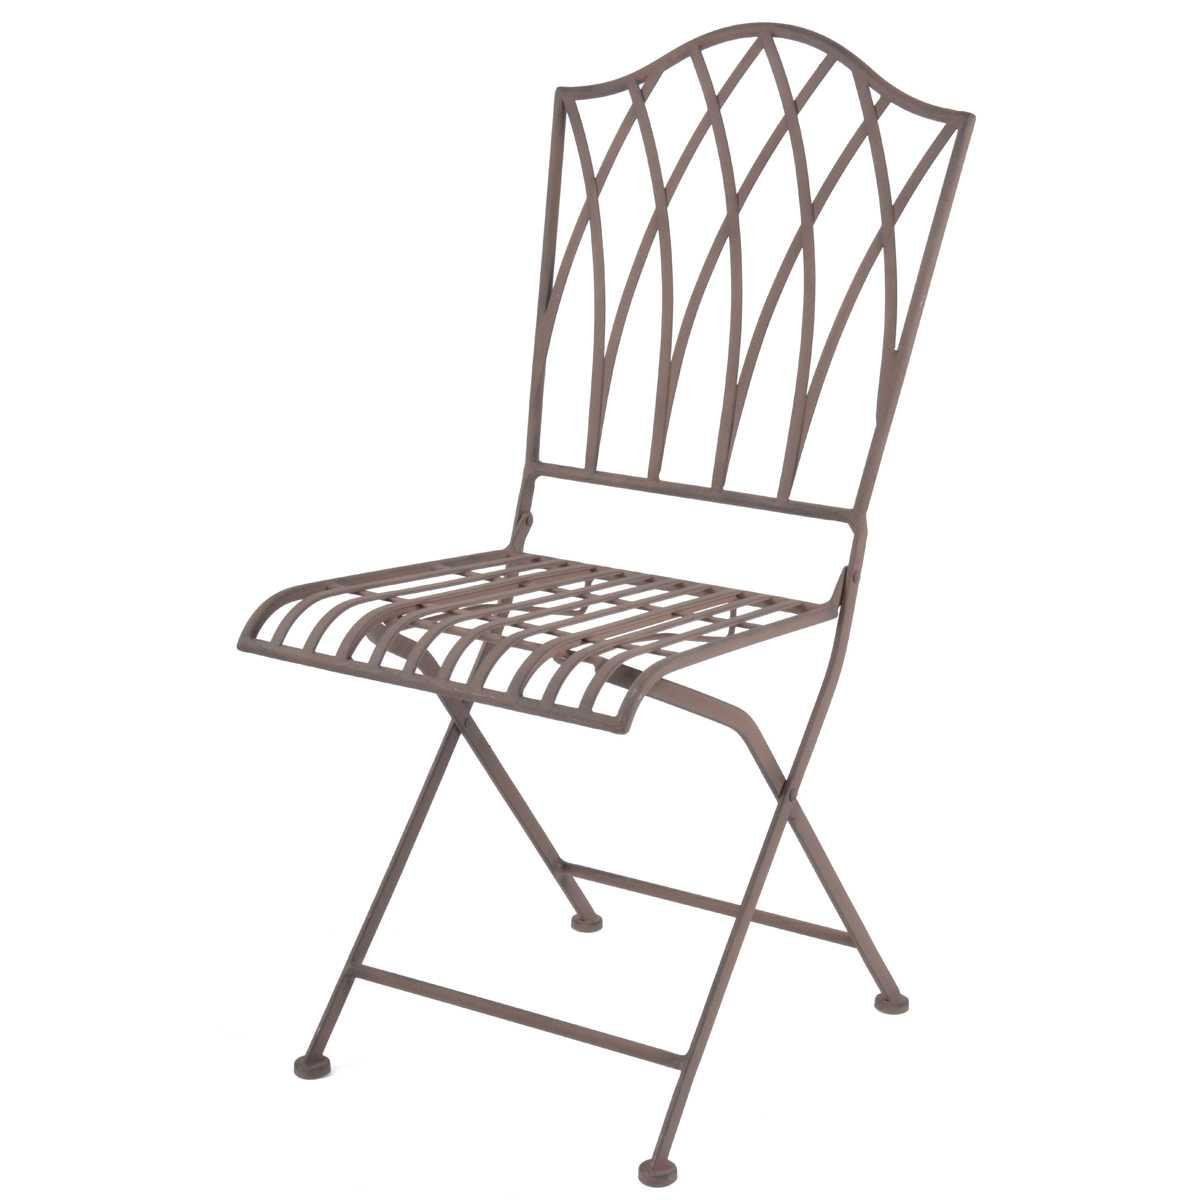 chaise pliable exterieure sophia en acier vente au meilleur prix jardins animes